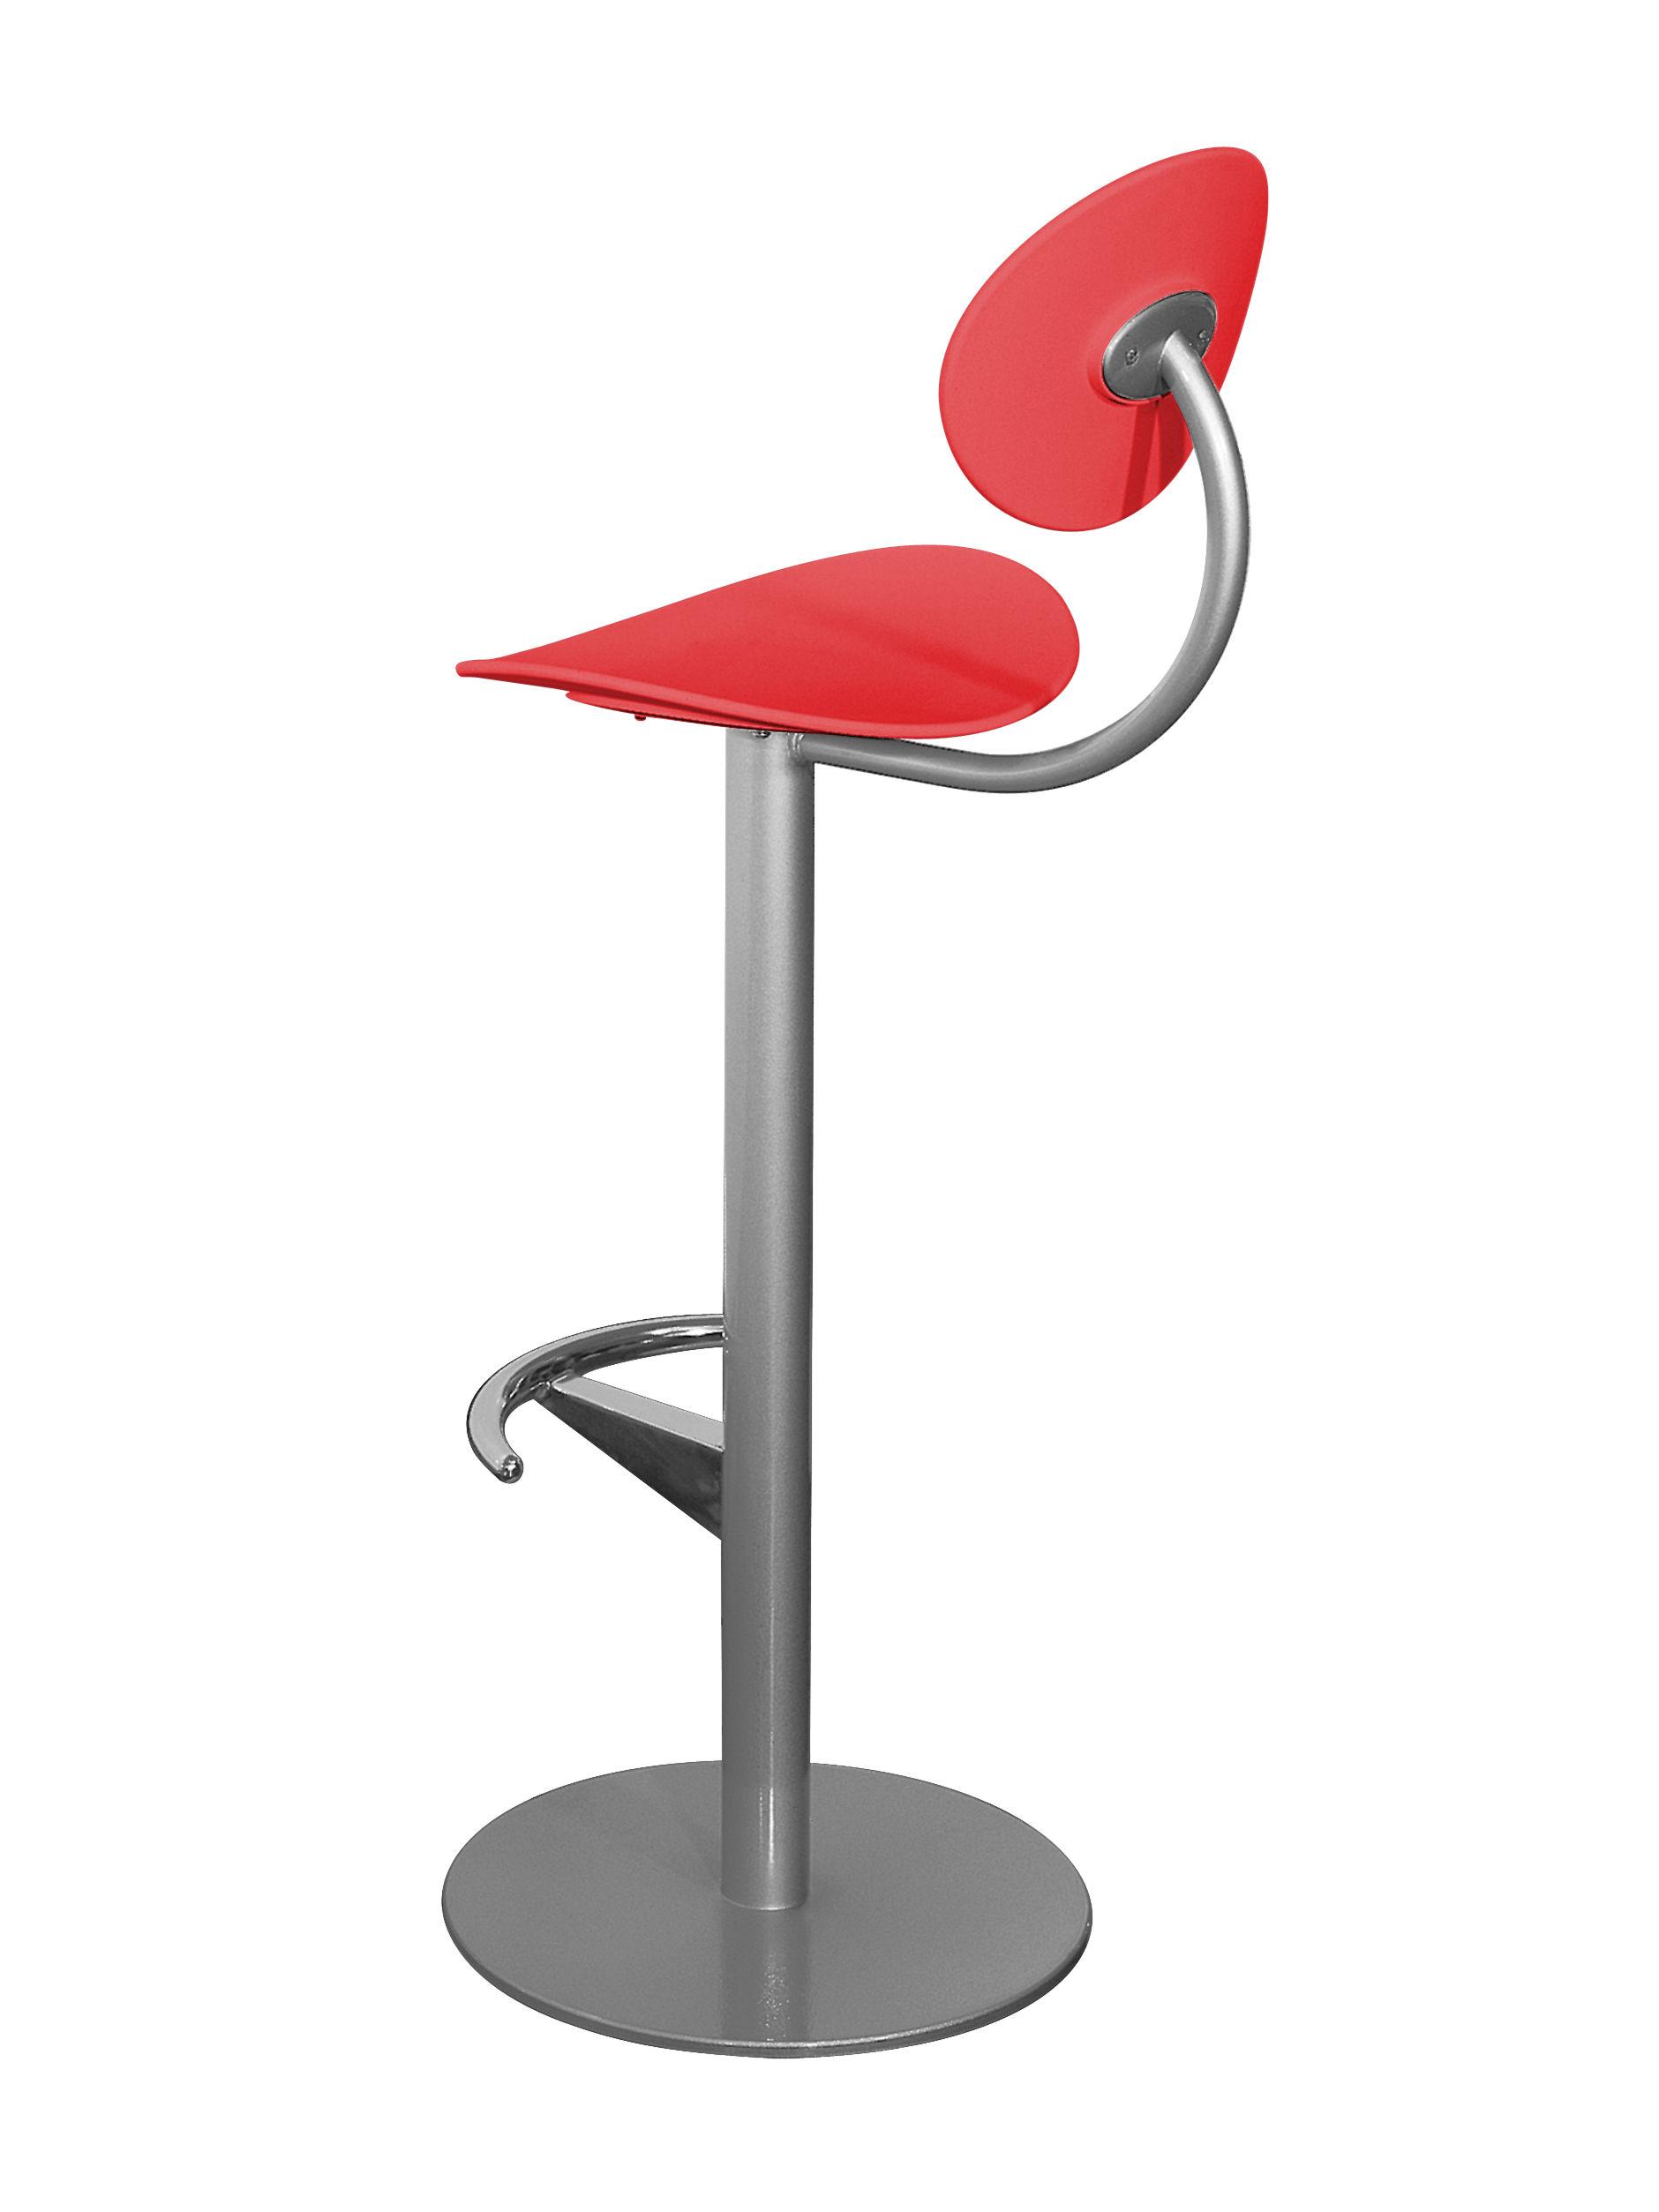 Möbel - Barhocker - Coma Hochstuhl H 79 cm - mit Lehne - Enea - Rot - aluminiumgrau - lackierter Stahl, Polypropylen